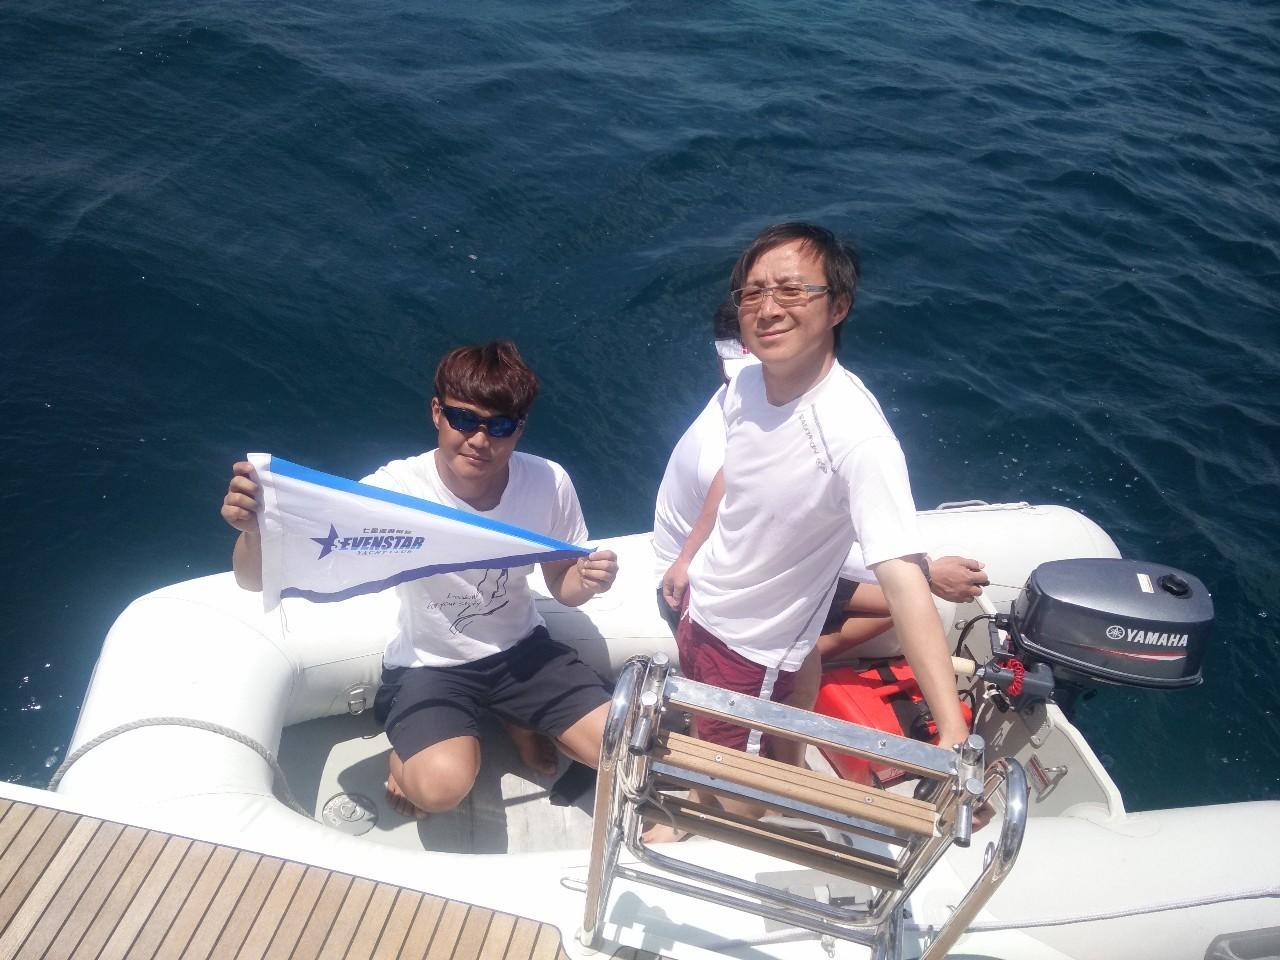 难忘的日落风帆,菲律宾极美海岛游记! 31516e78a77ed8dfb67c427eec584cba.jpg